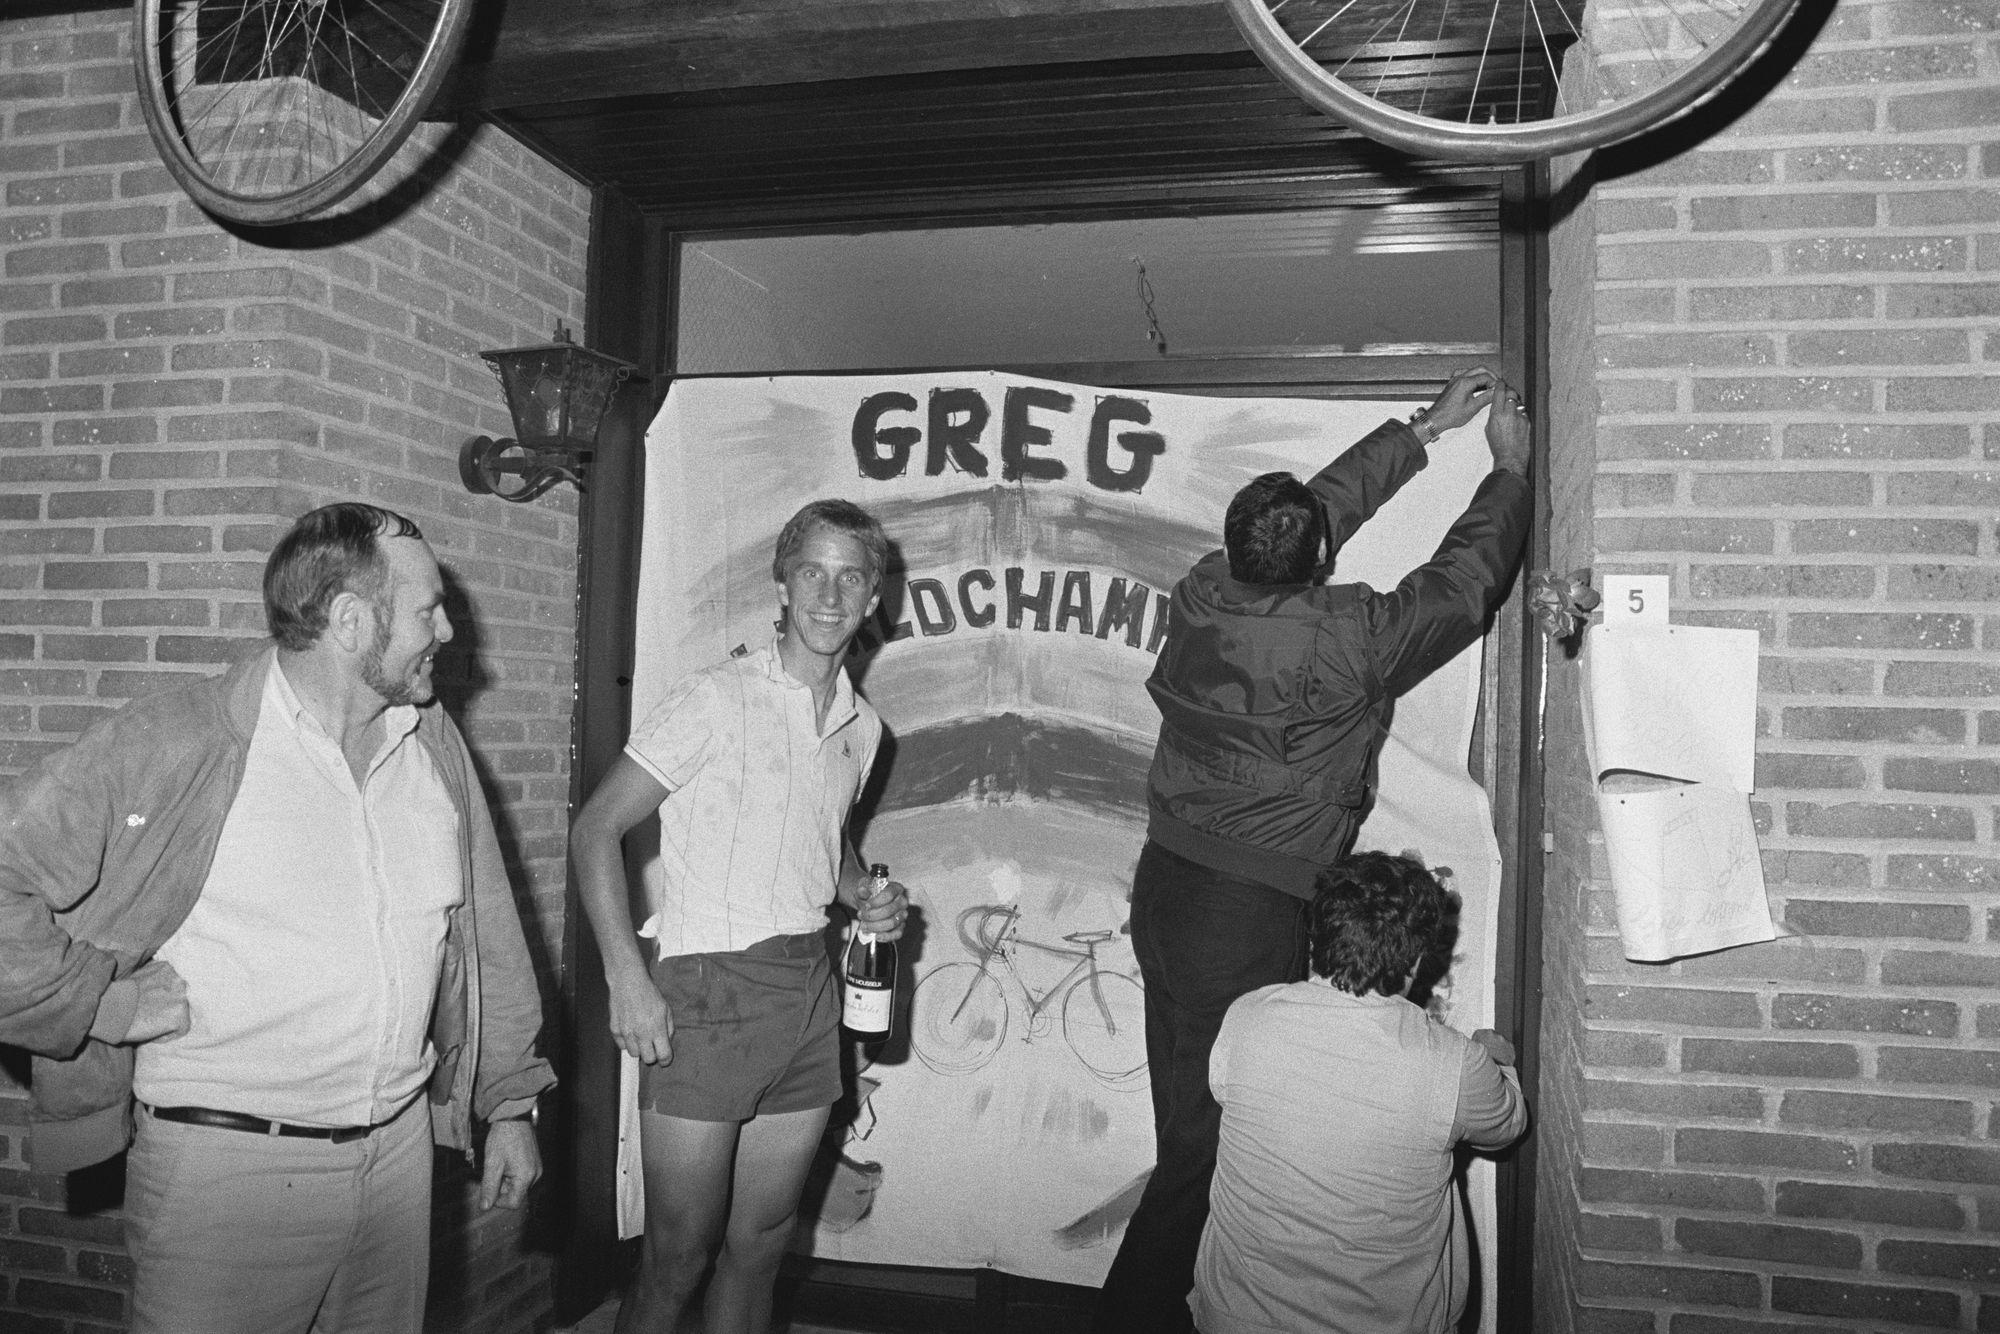 Huldiging van Greg LeMond